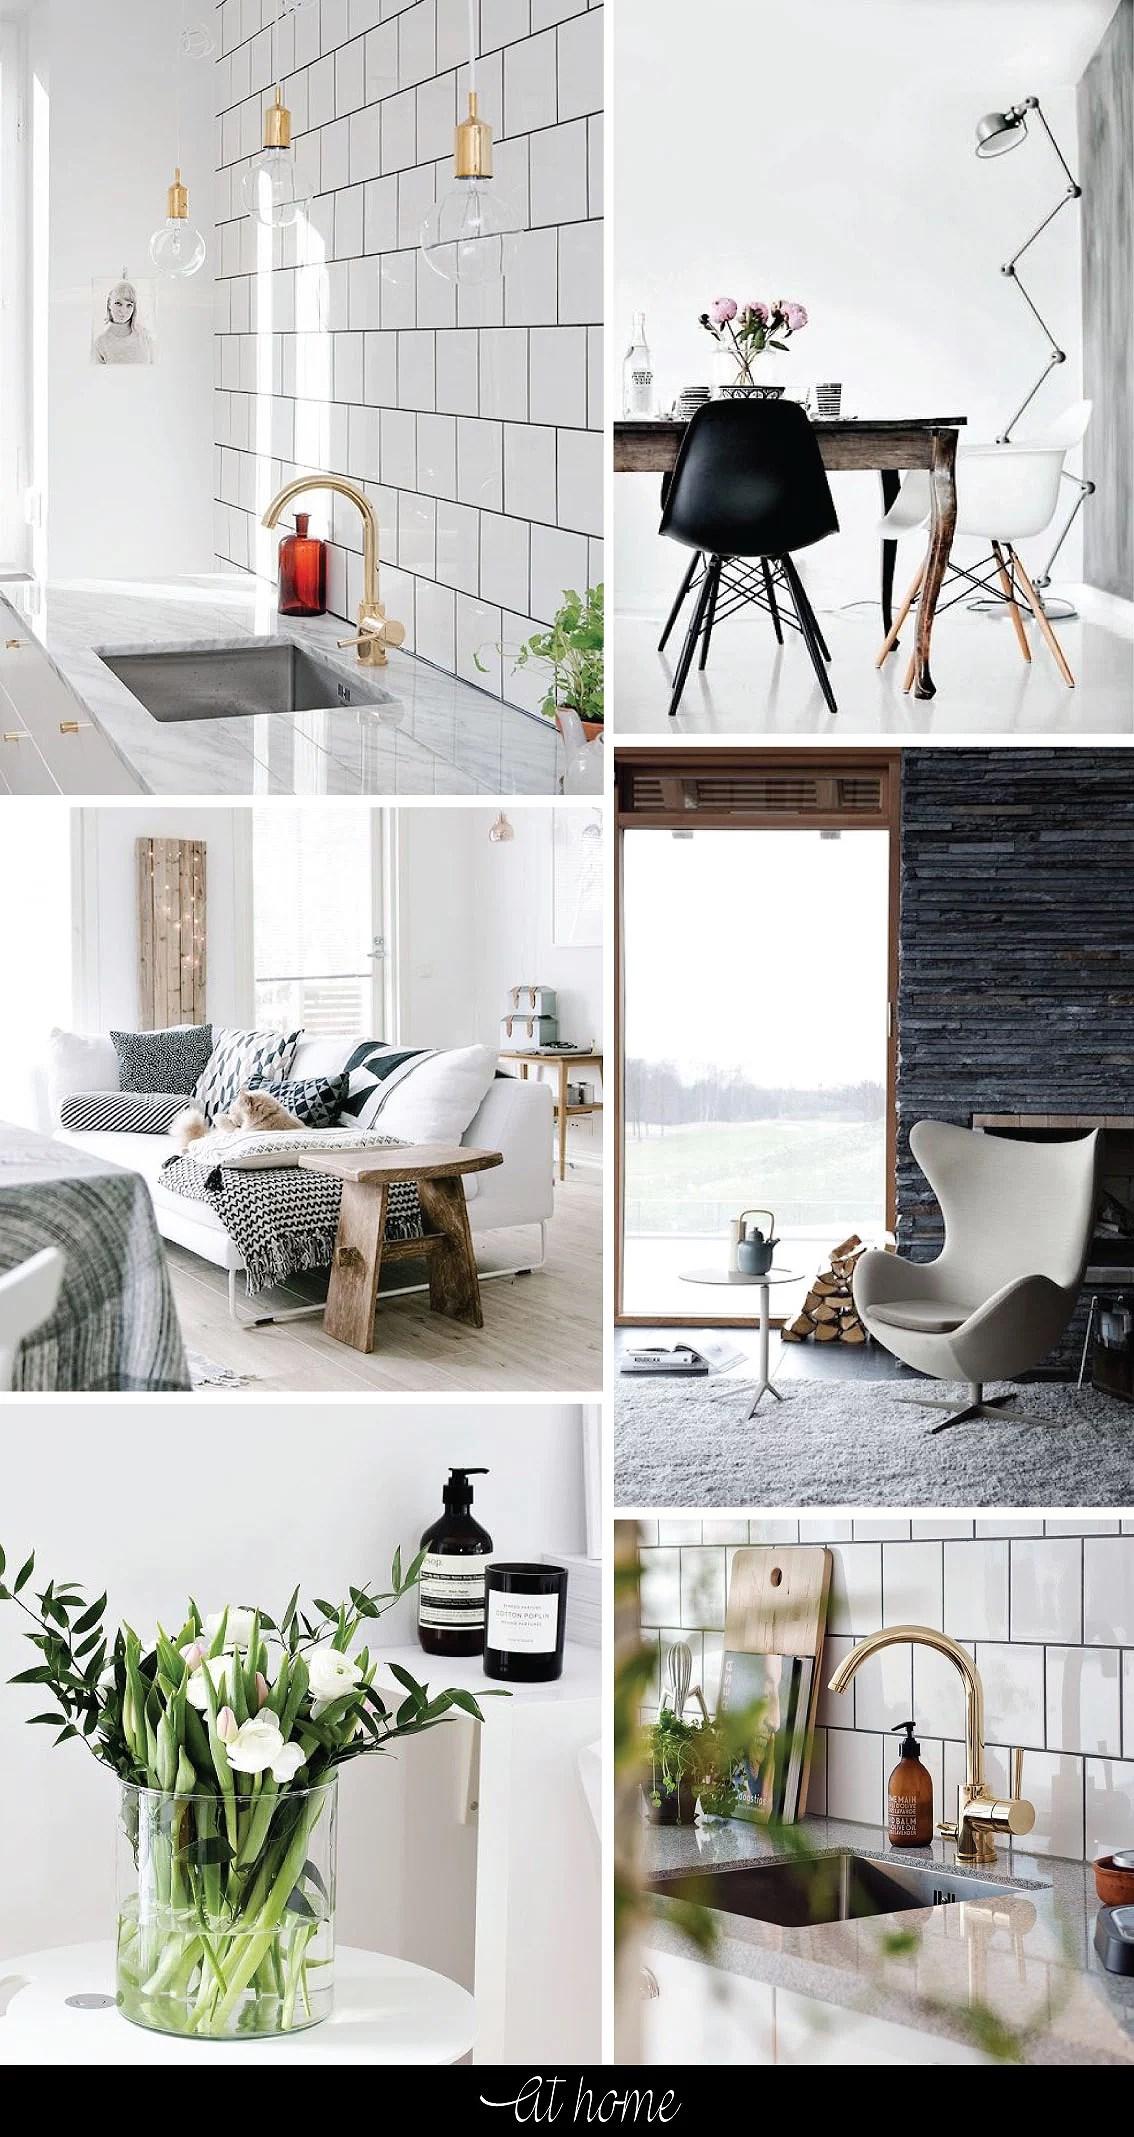 Bolig, Boliginspiration, Mode, Modeblogger, Julie Mænnchen, It's My Passions, Aalborg modeblogger, Inspiration til boligen, Lampefatninger, Kobberfatninger